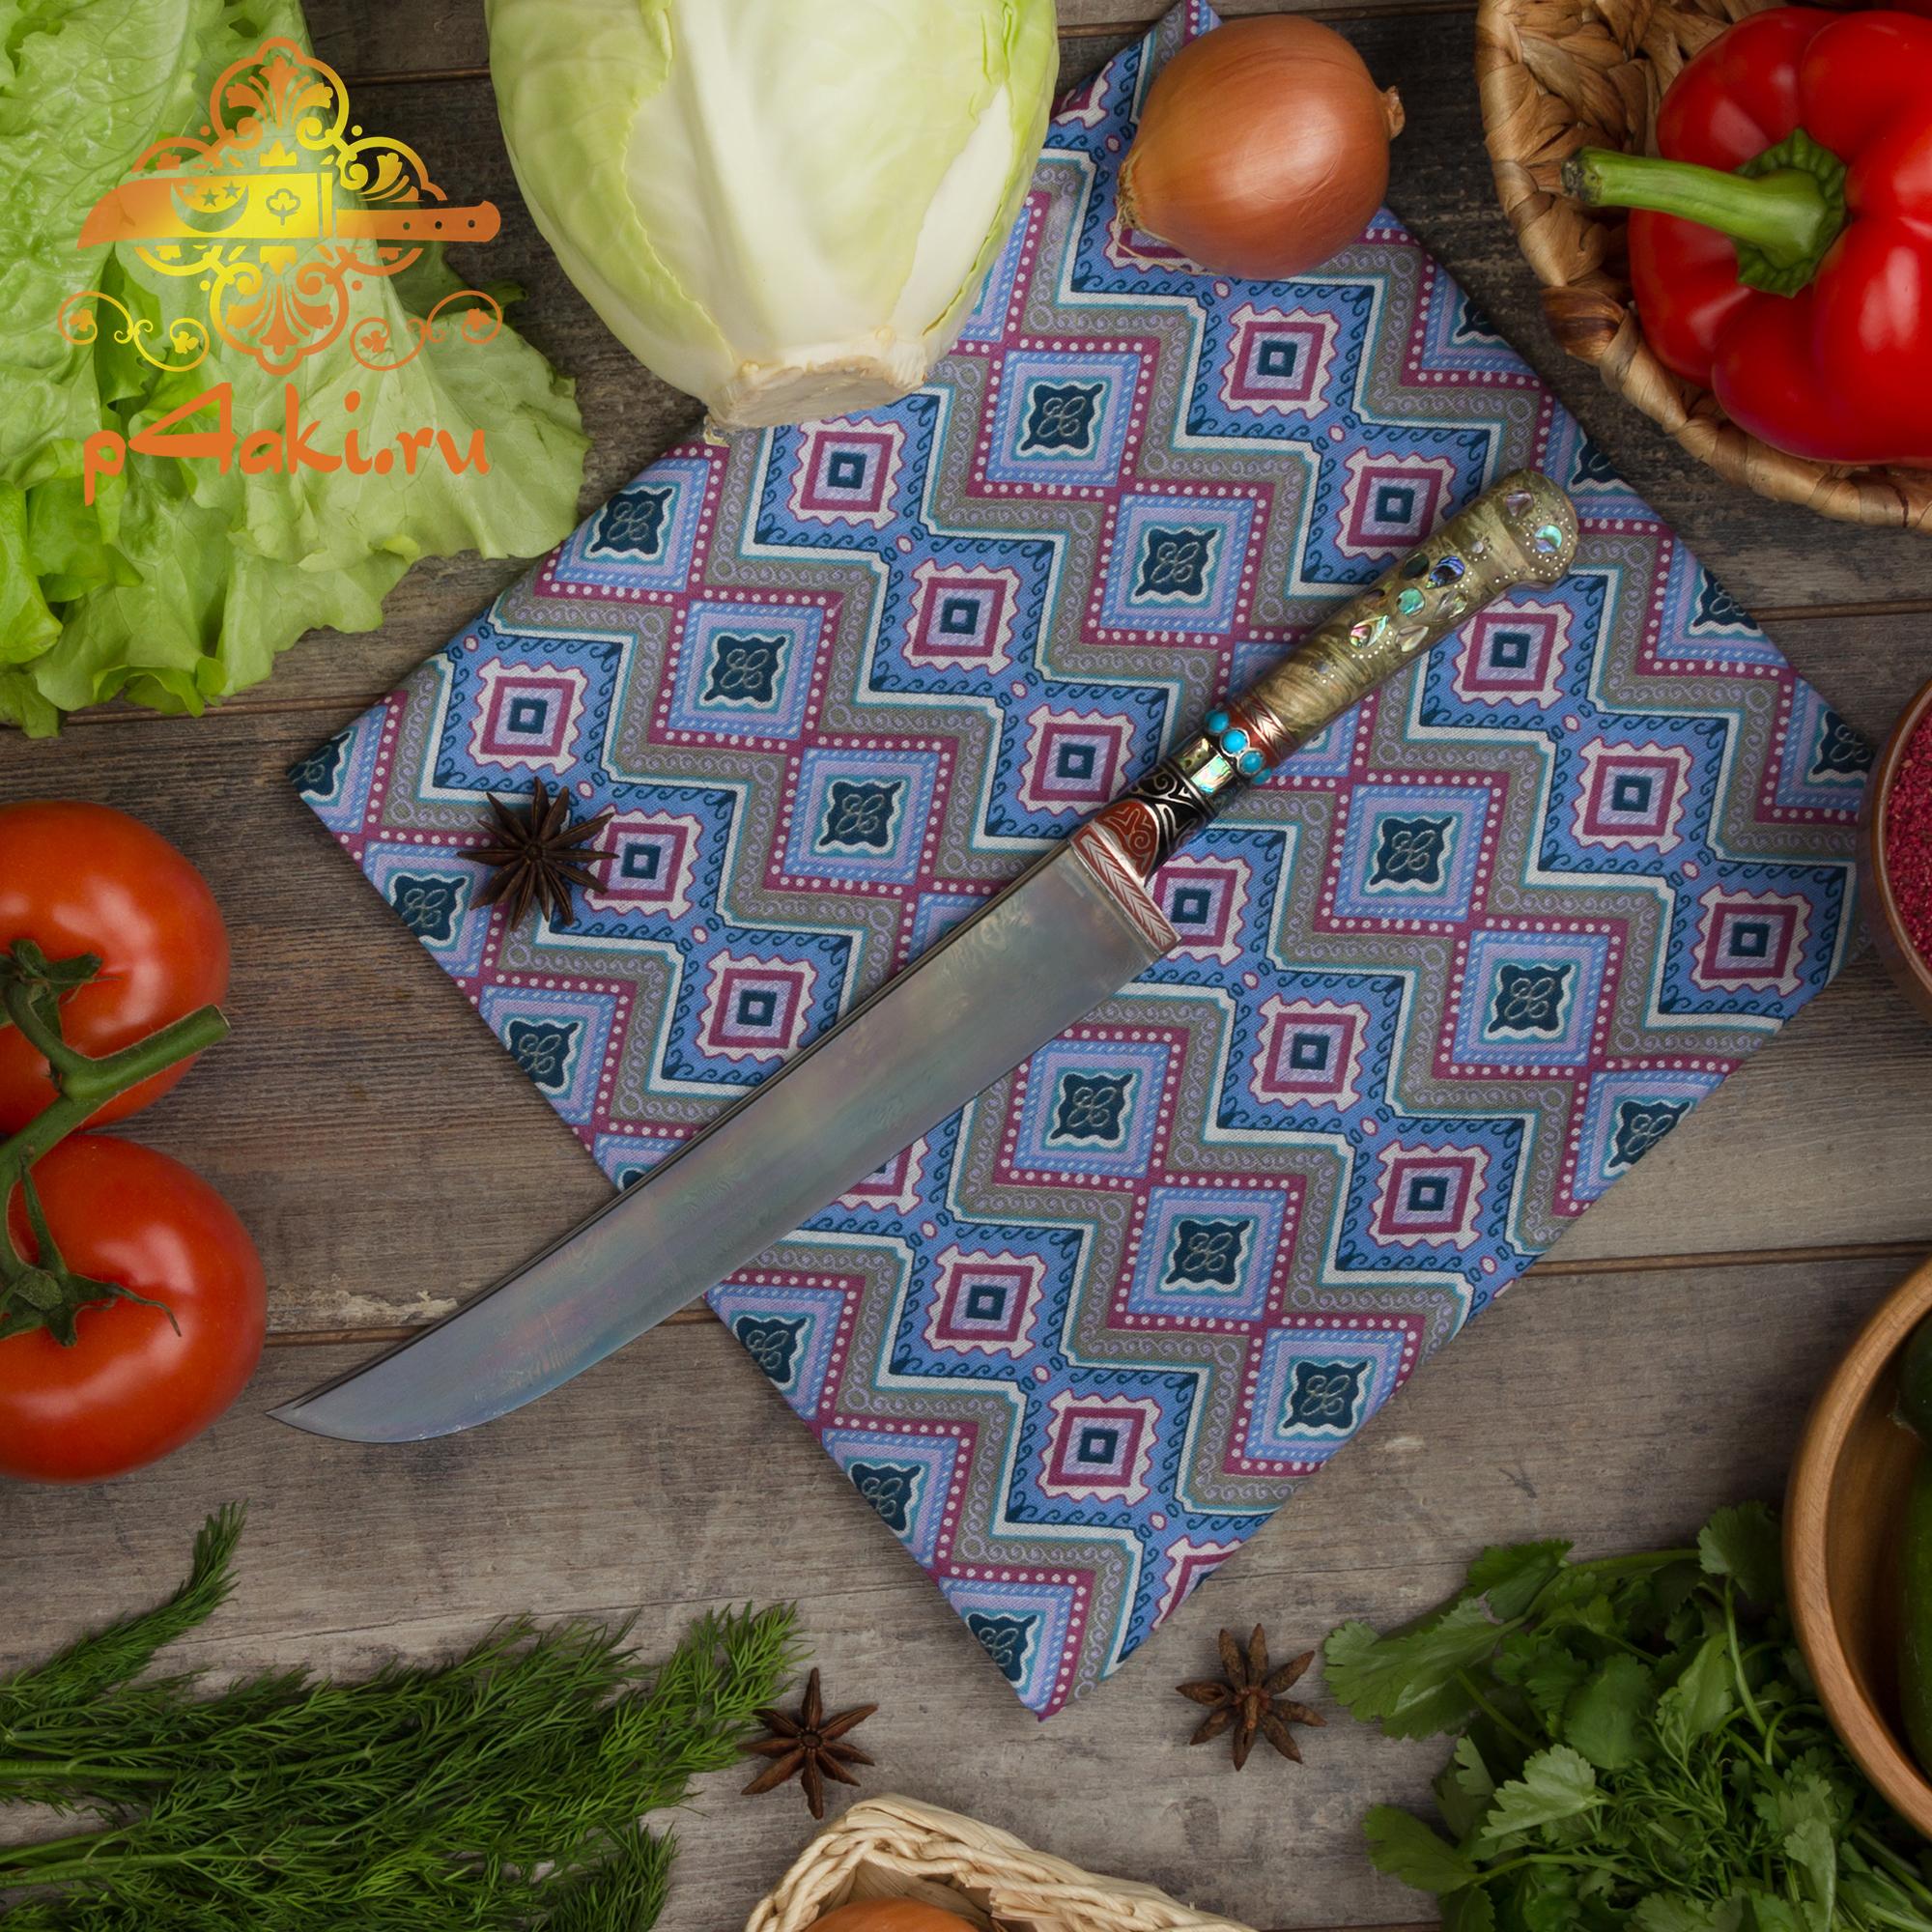 Нож Порлог, рукоять карельская береза стабилизированная (рукоять накладная «ерма доста»), бирюза, олово, перламутр и чермяха